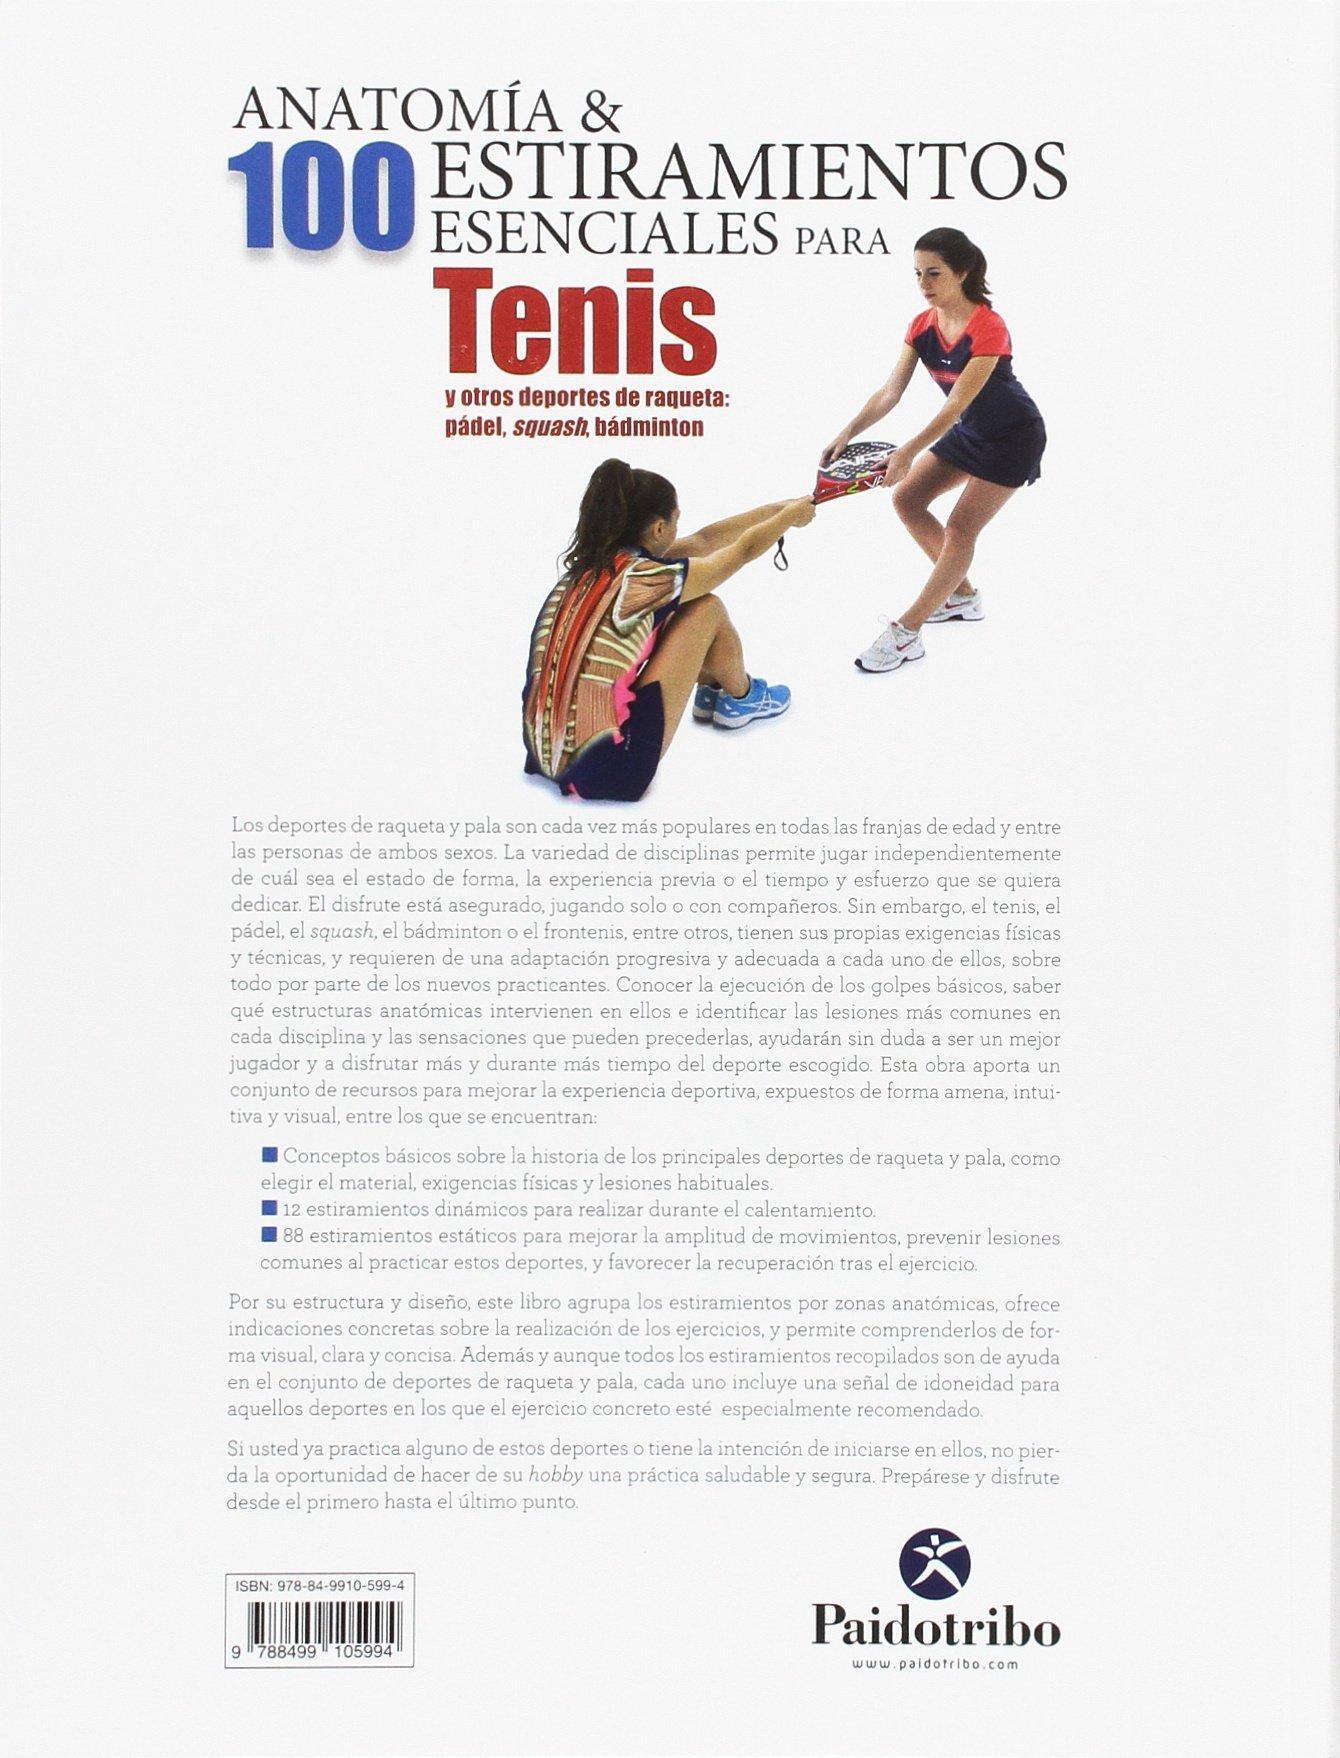 ANATOMÍA & 100 ESTIRAMIENTOS ESENCIALES PARA EL TENIS: Guillermo Seijas Albir: 9788499105994: Amazon.com: Books